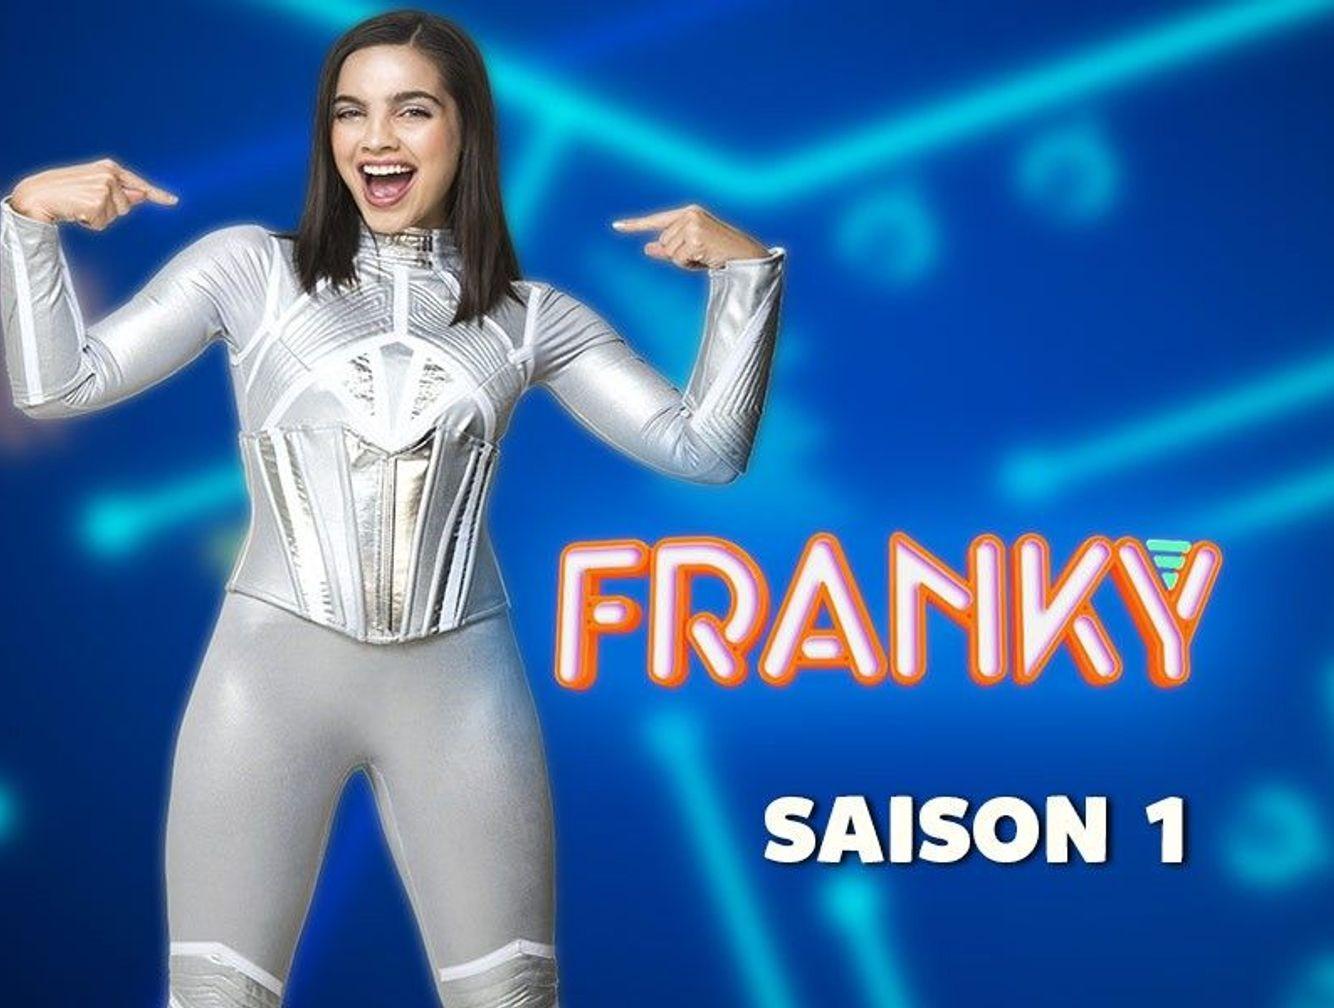 Le cœur de Franky